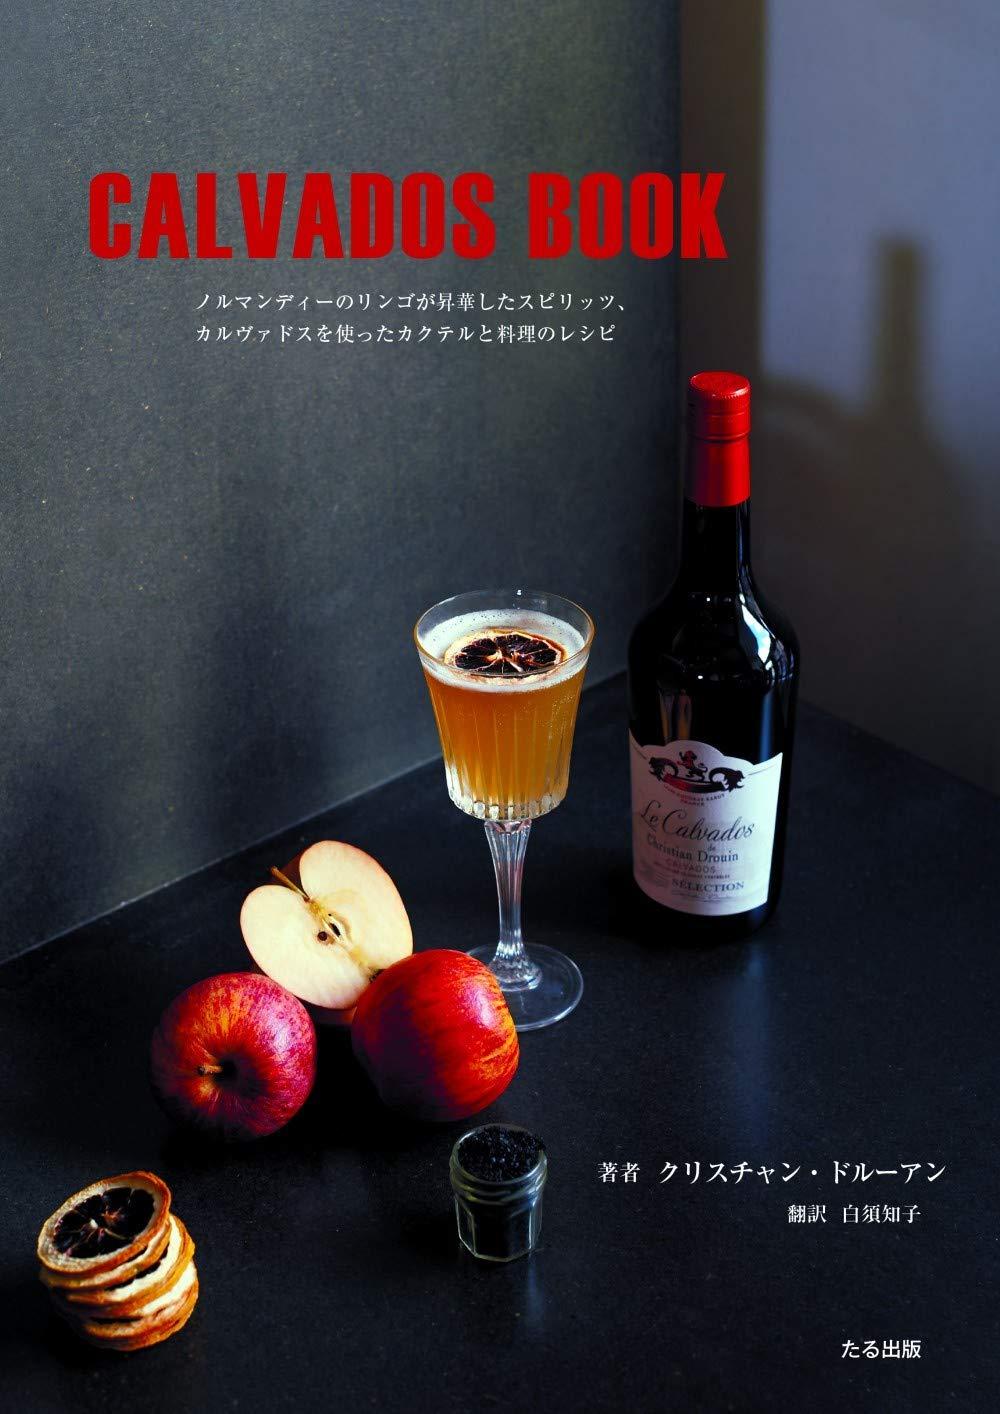 画像: 『カルヴァドスブック』〜WK Library お勧めブックガイド〜